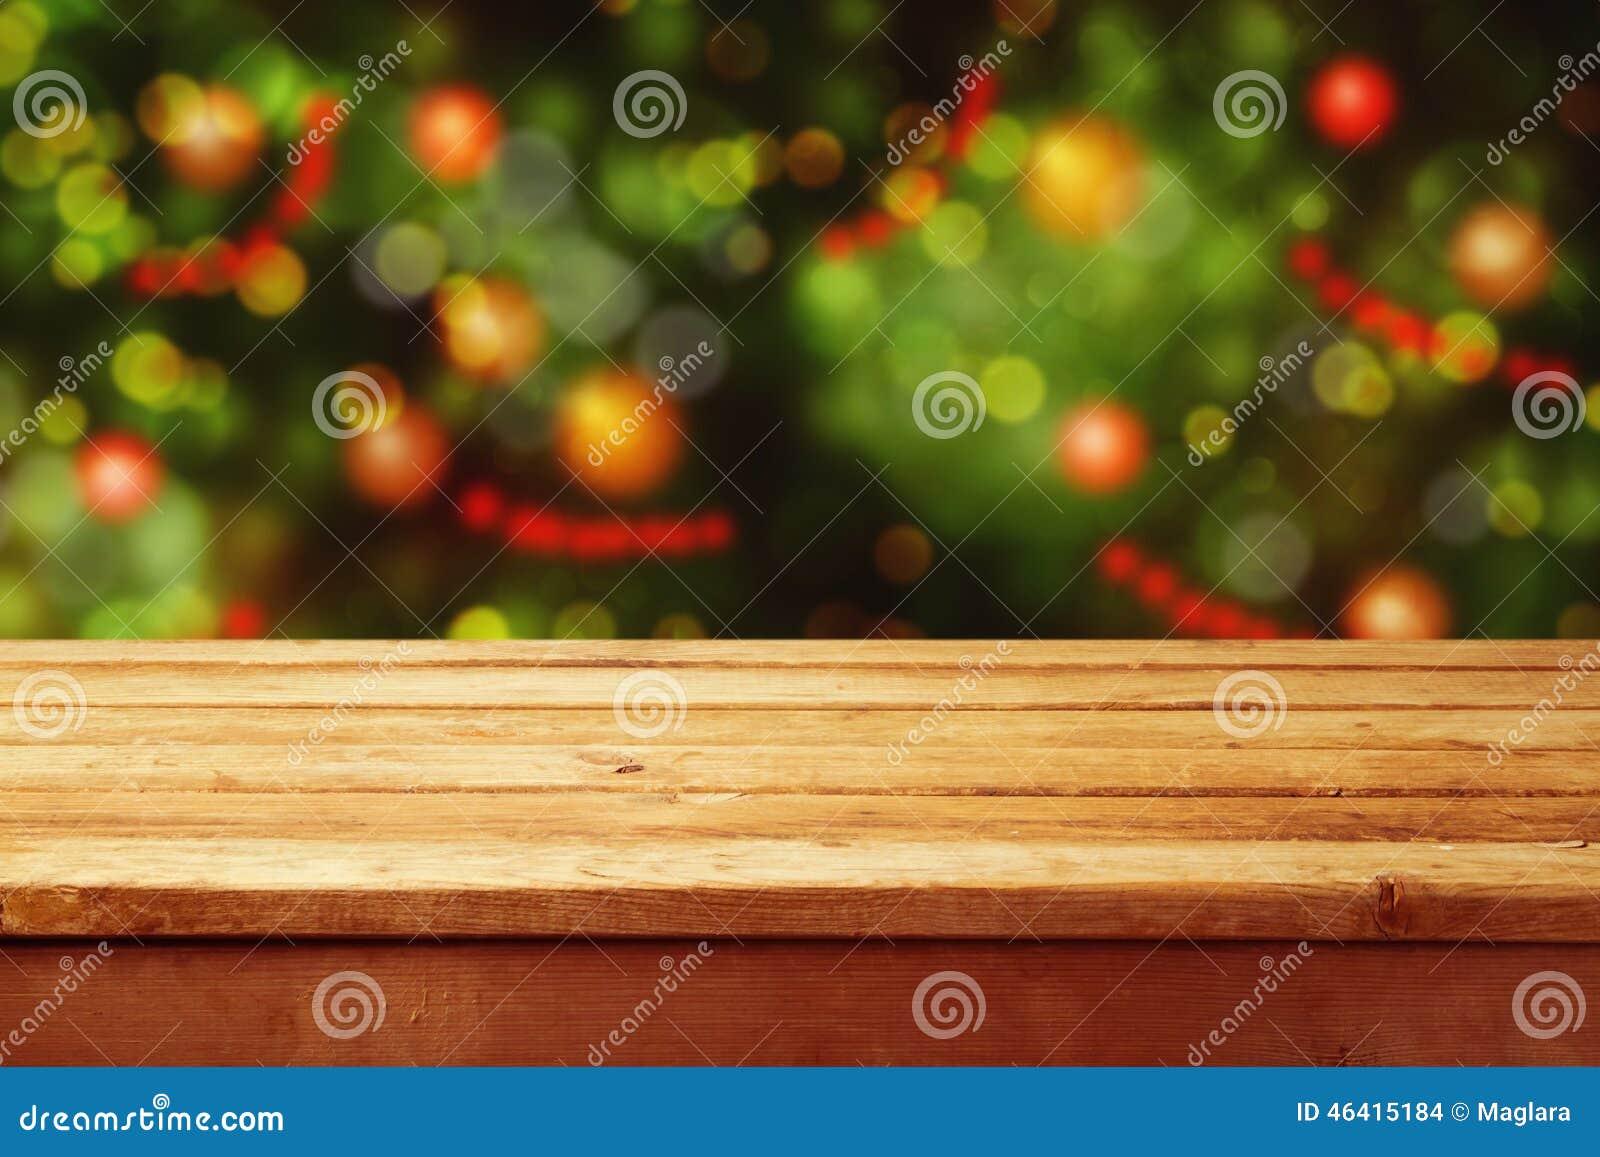 Предпосылка праздника рождества с пустой деревянной таблицей палубы над праздничным bokeh Подготавливайте для монтажа продукта